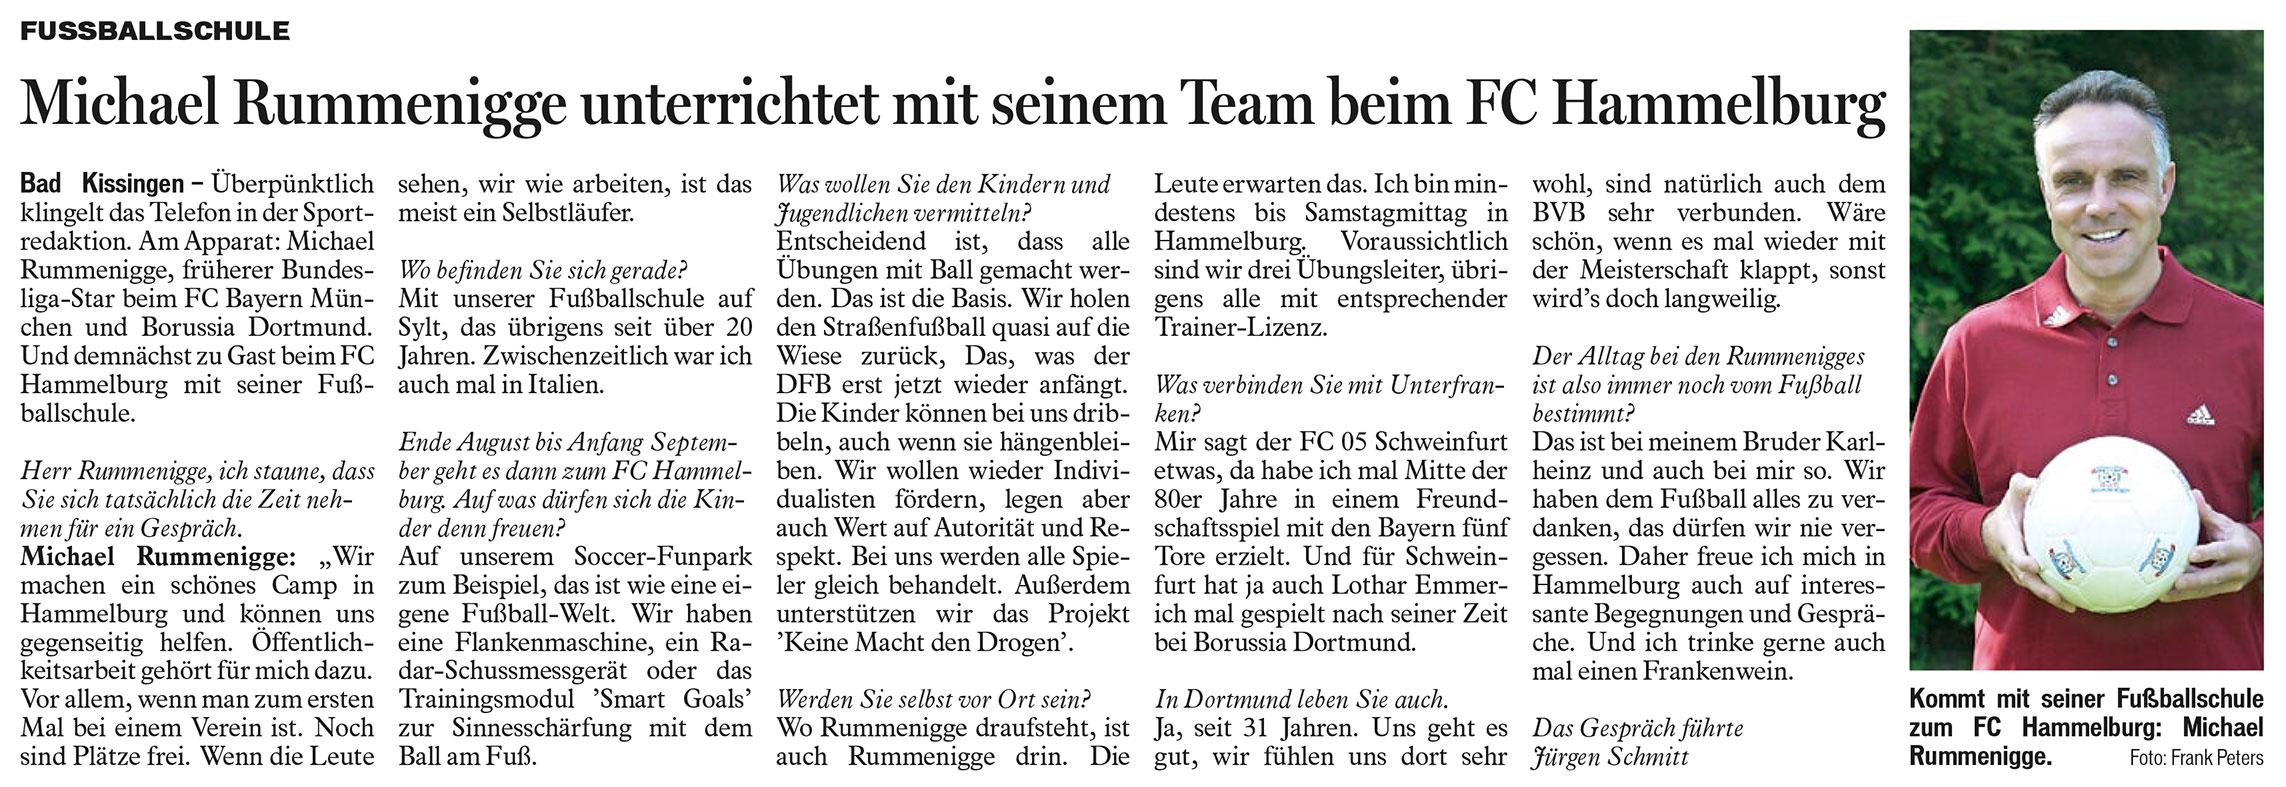 Michael Rummenigge zu Gast beim FC Hammelburg